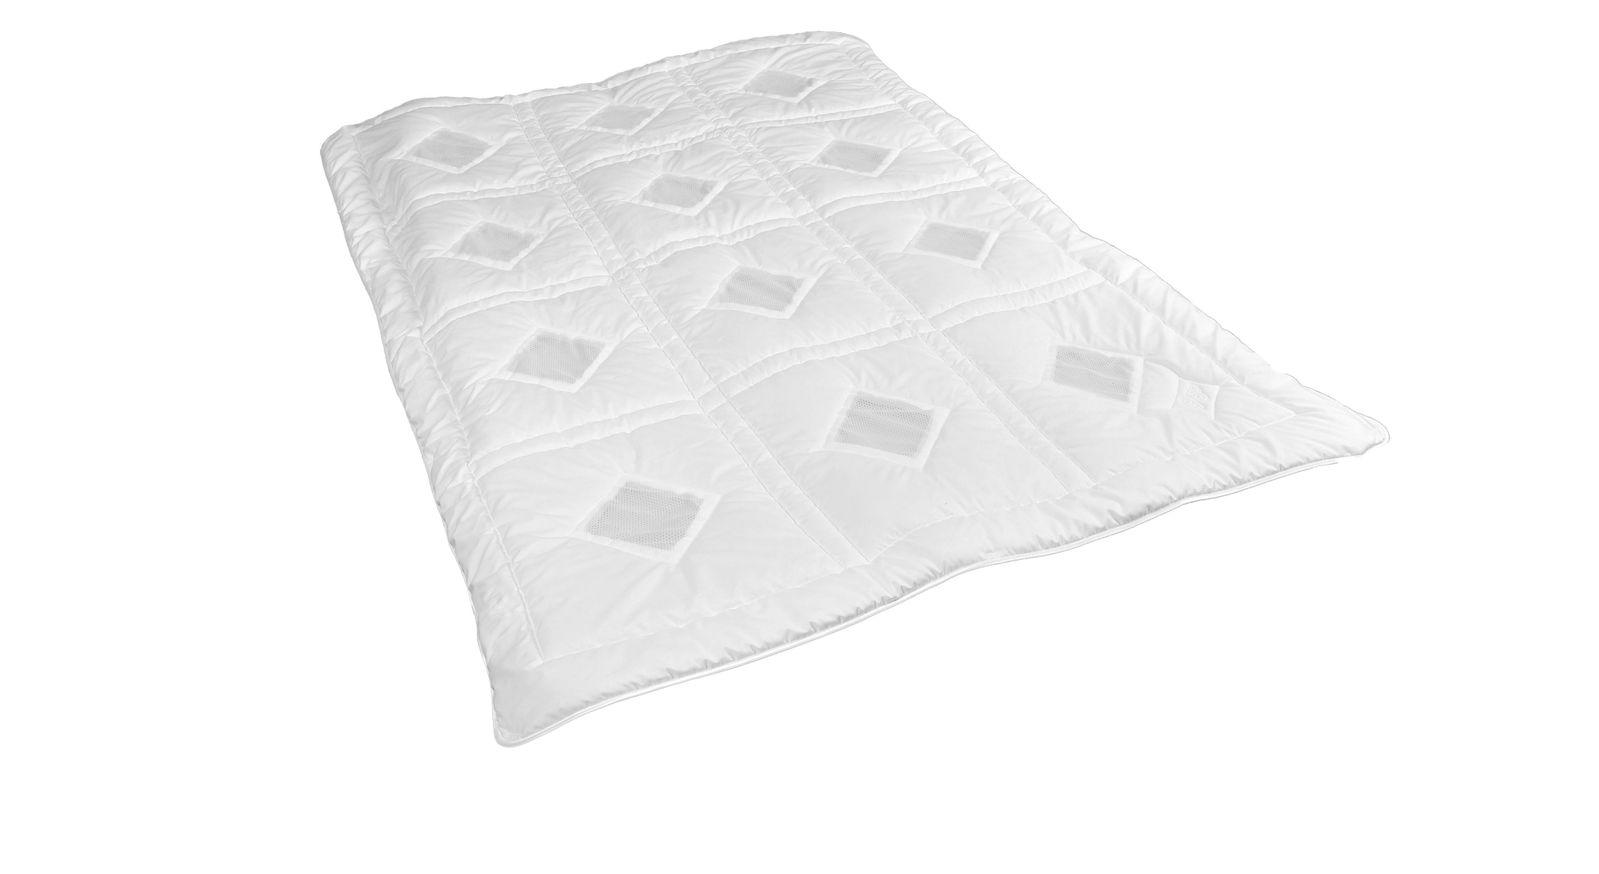 Dacron-Bettdecke clima balance living medium optimal für die Übergangszeit